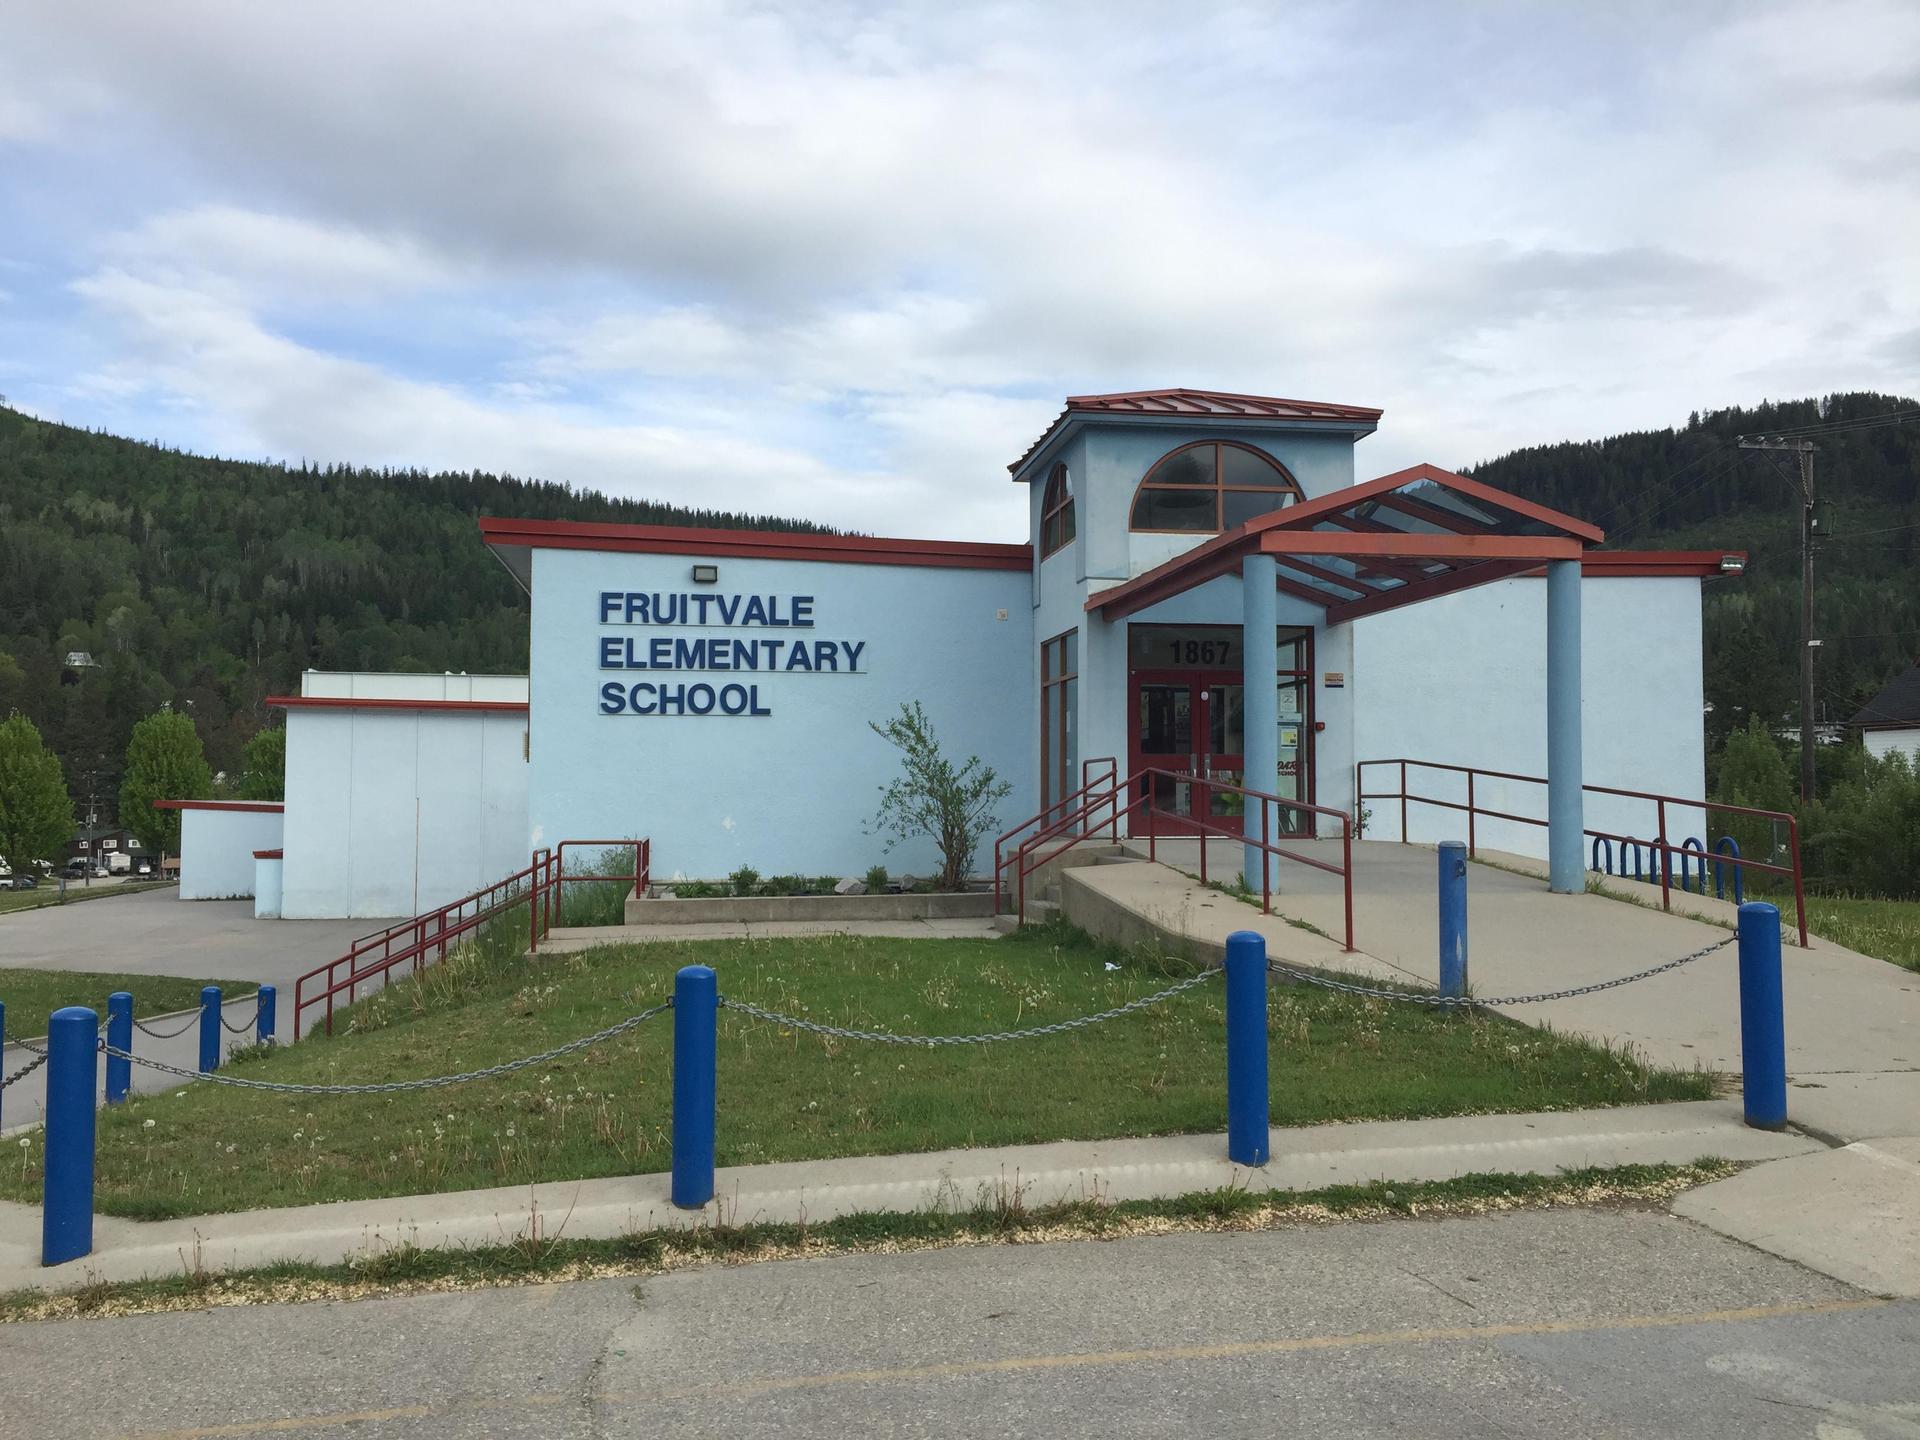 school building in summer